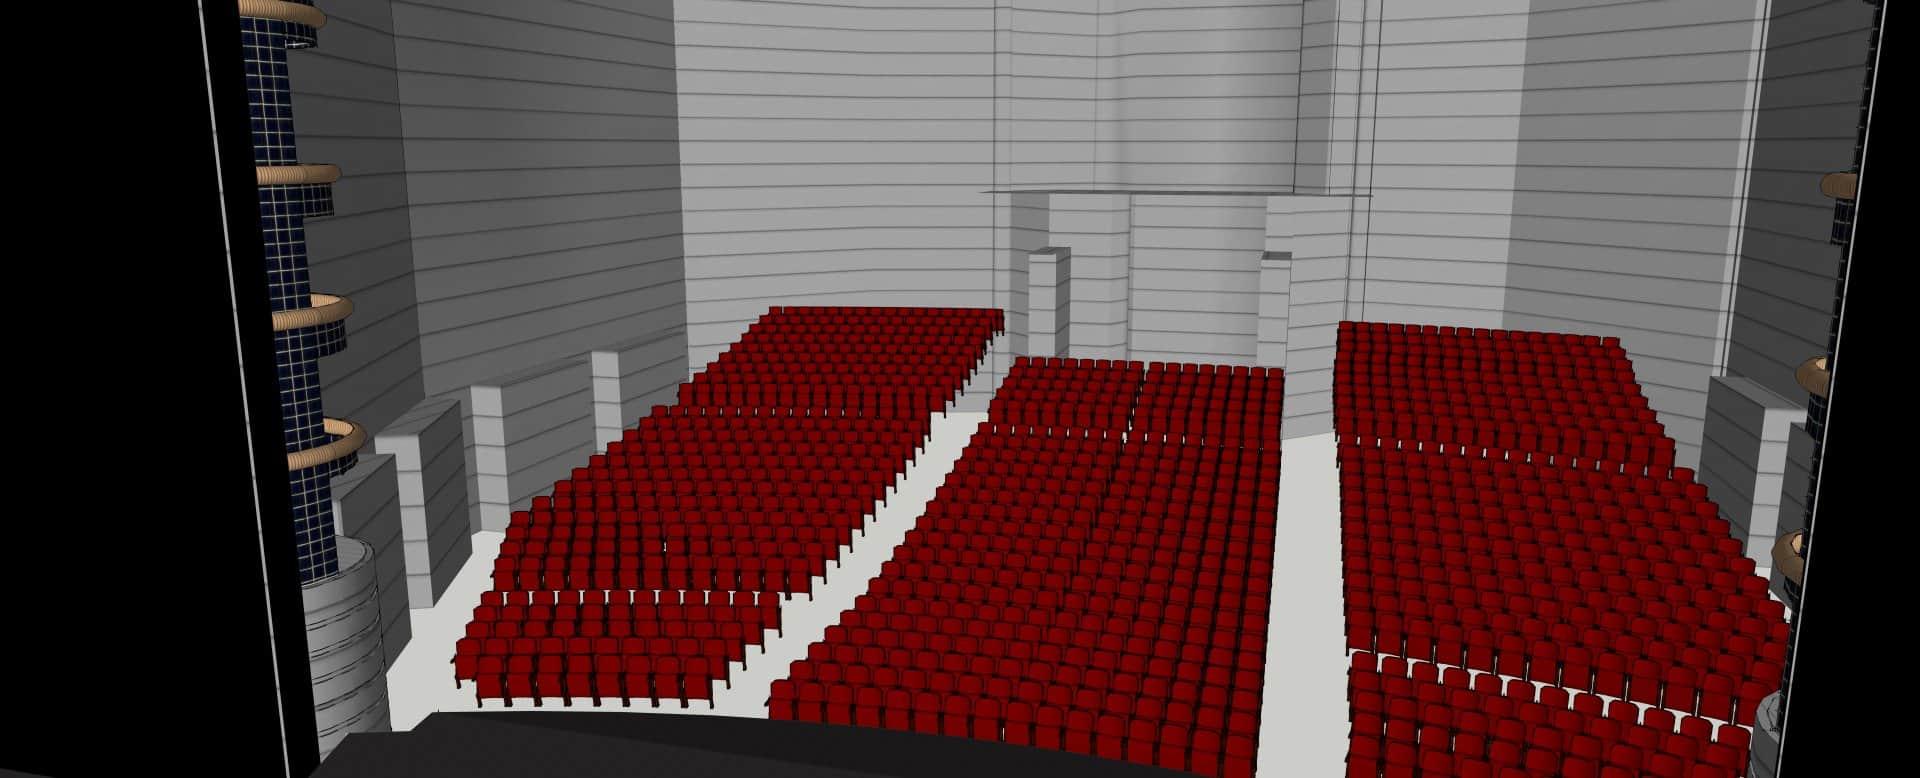 progettazione-eventi-service-per-concerti-audizioni-spettacoli-grossi-eventi (2)